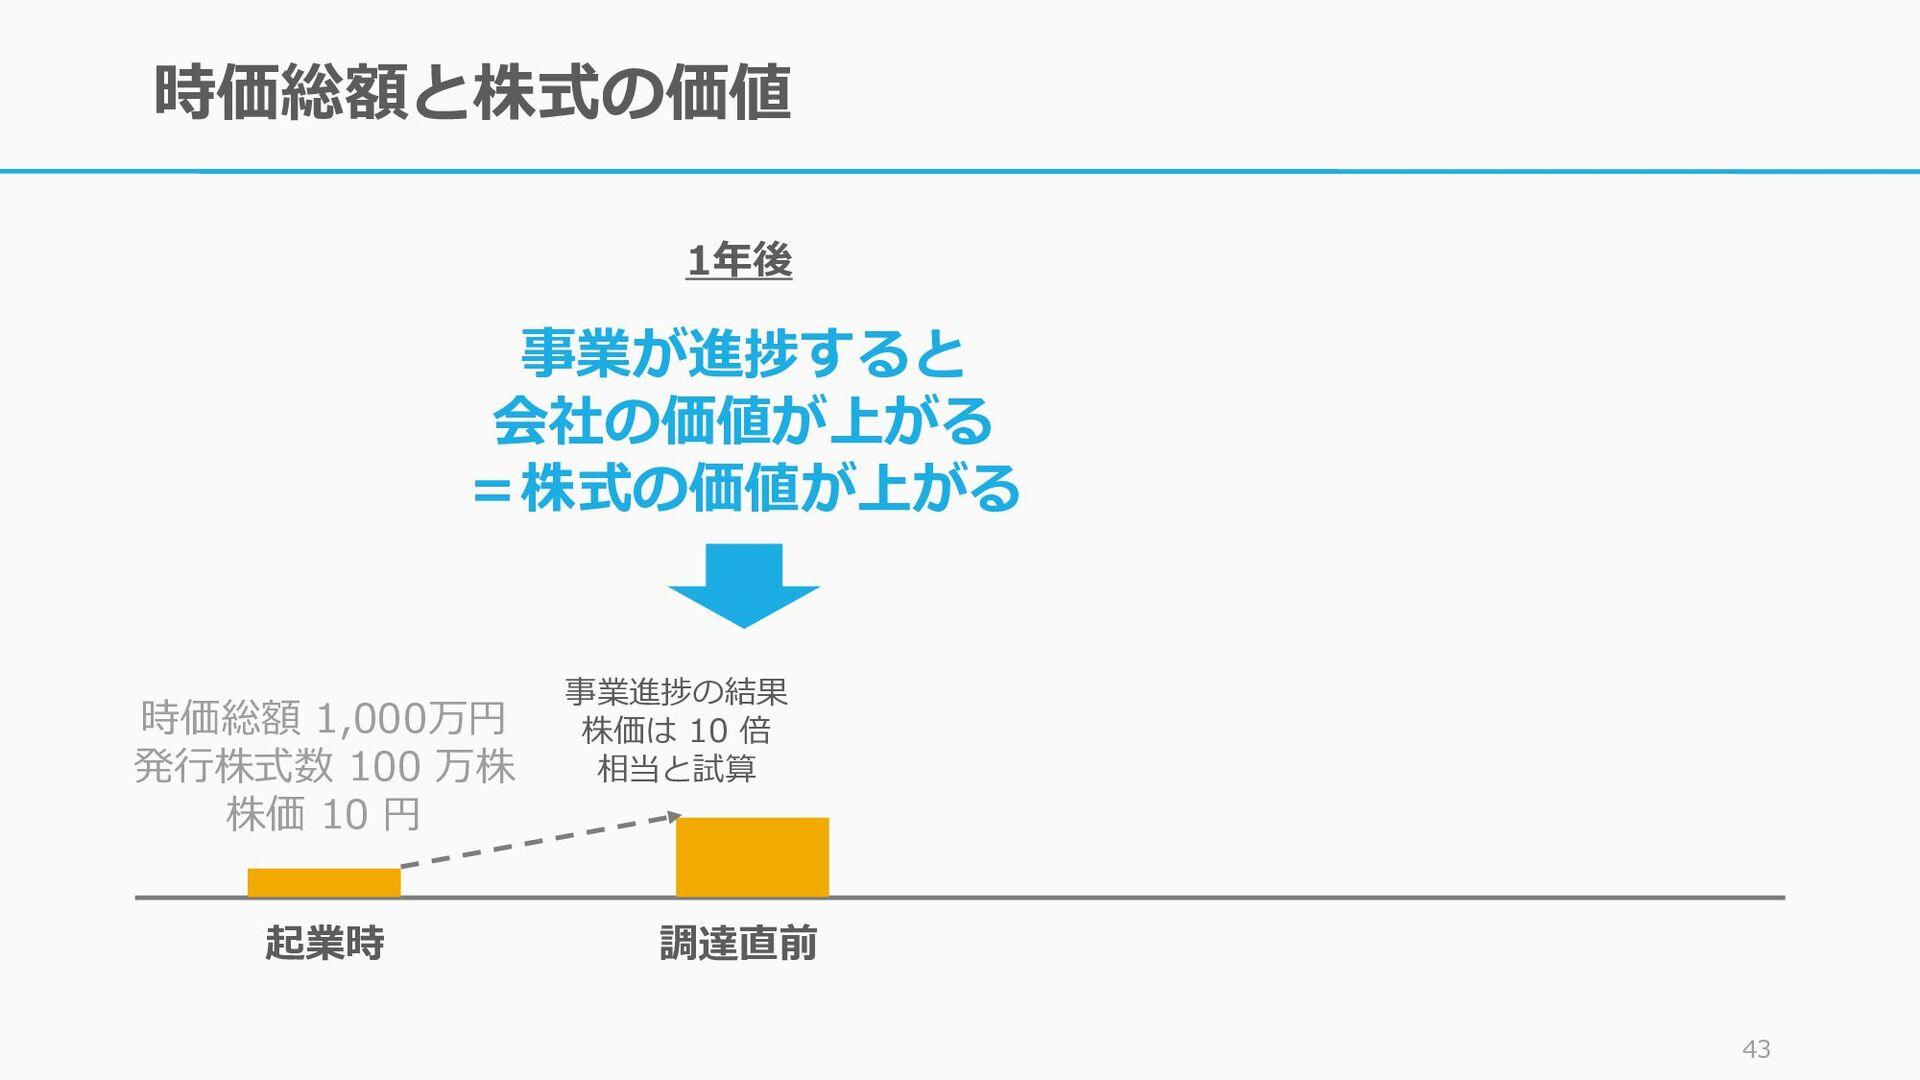 時価総額と株式の価値 42 起業時 調達直前 時価総額 1,000万円 発行株式数 100 万...